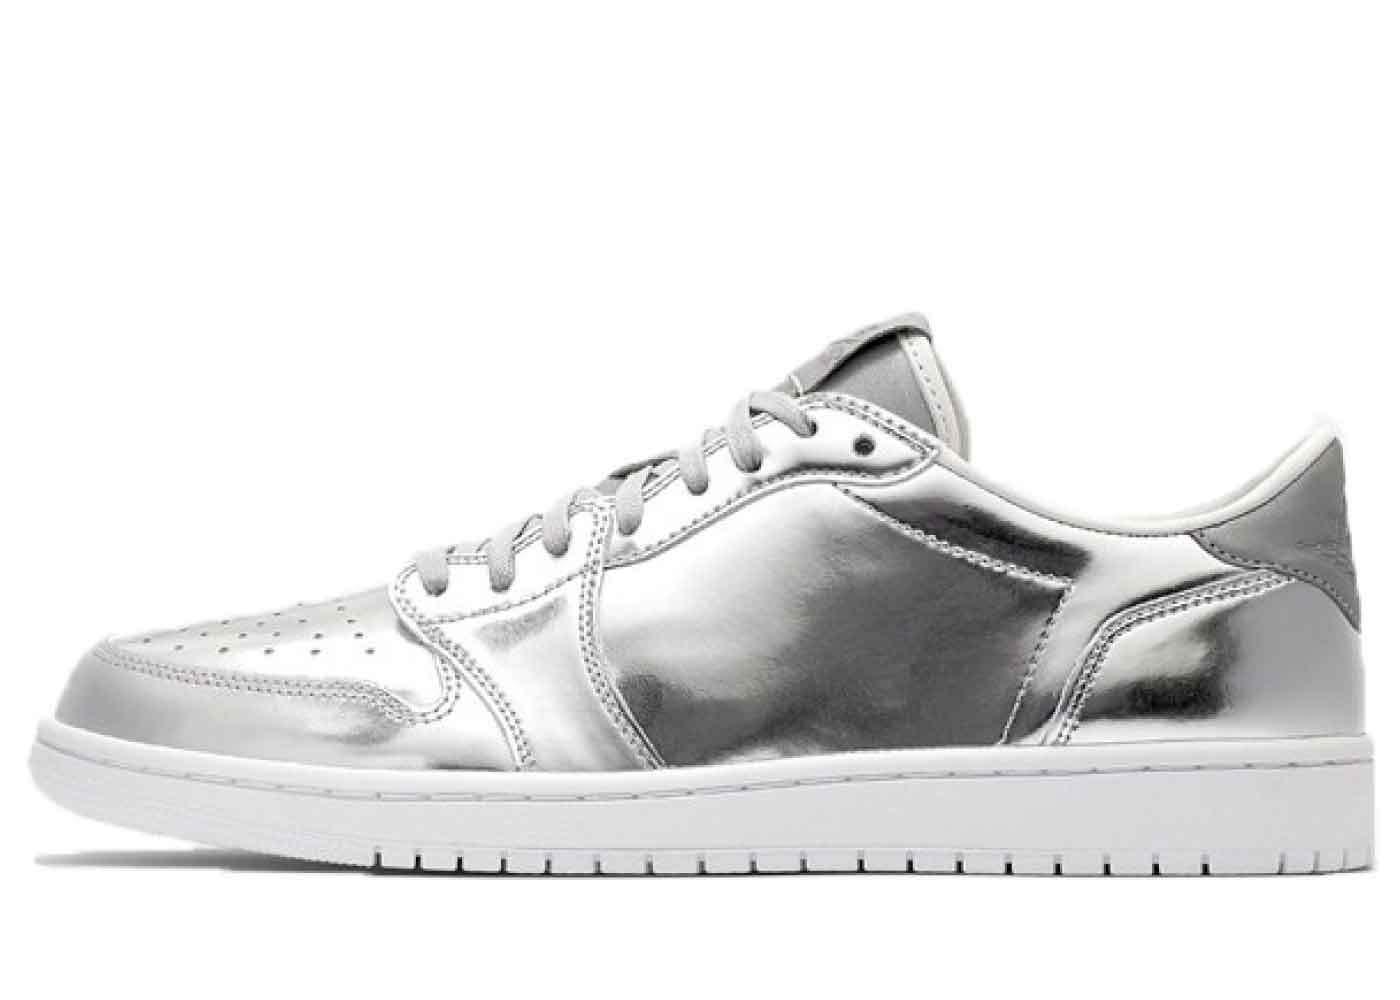 Nike Air Jordan 1 Retro Low Pinnacle Metallic Silverの写真